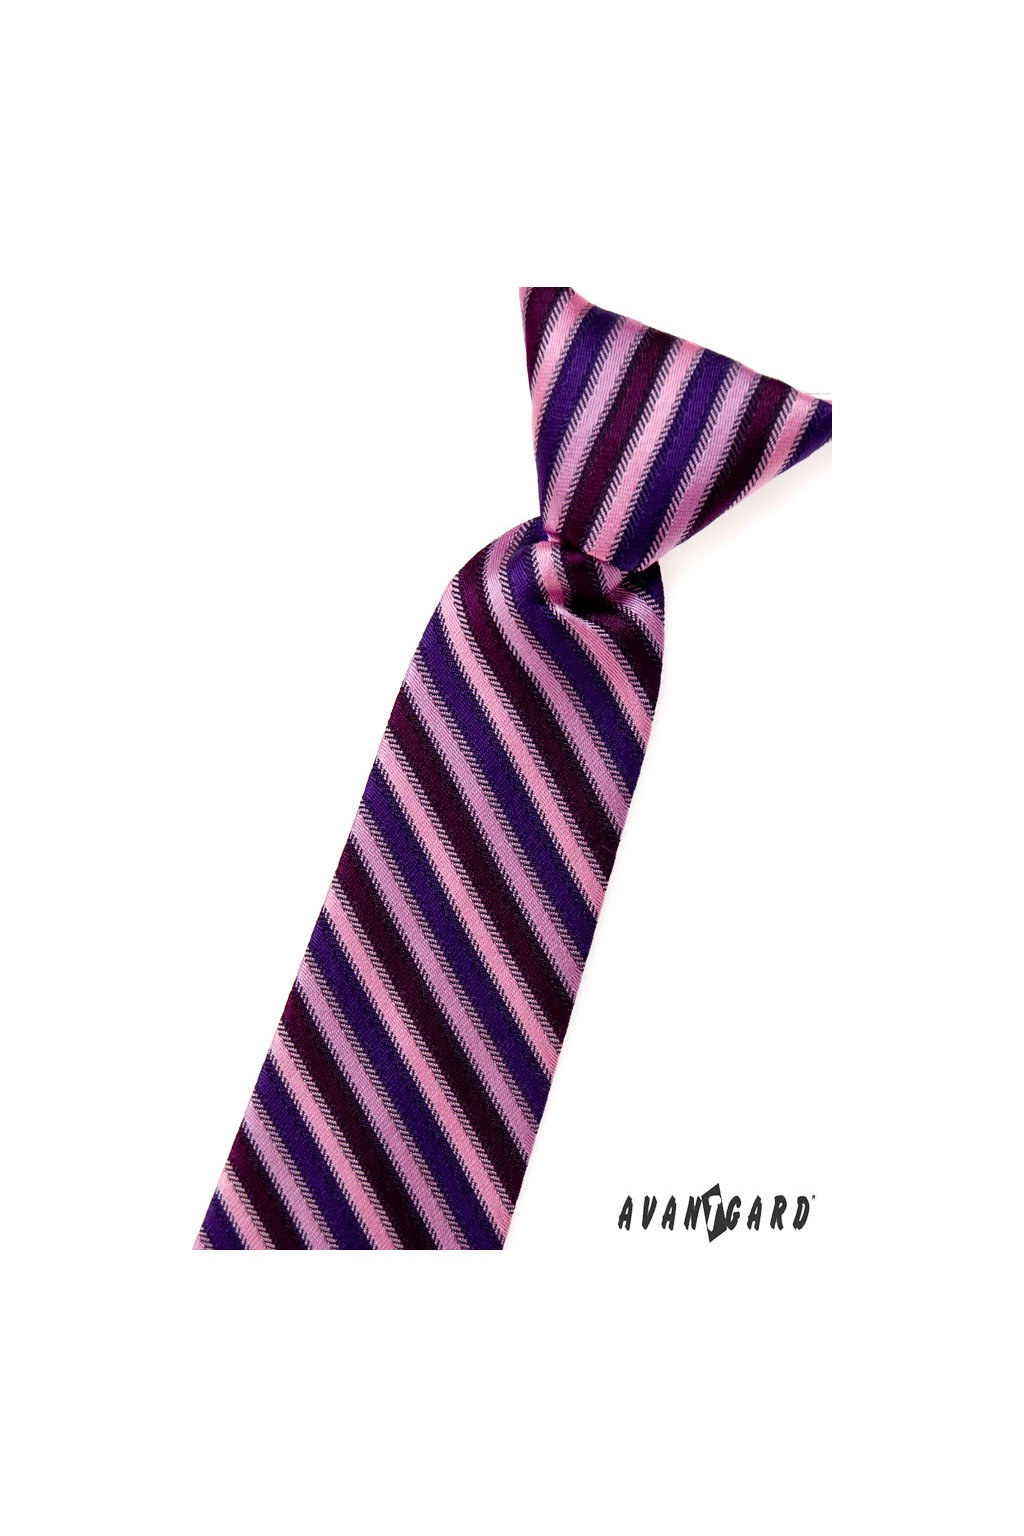 Chlapecká kravata růžová 558 - 1385